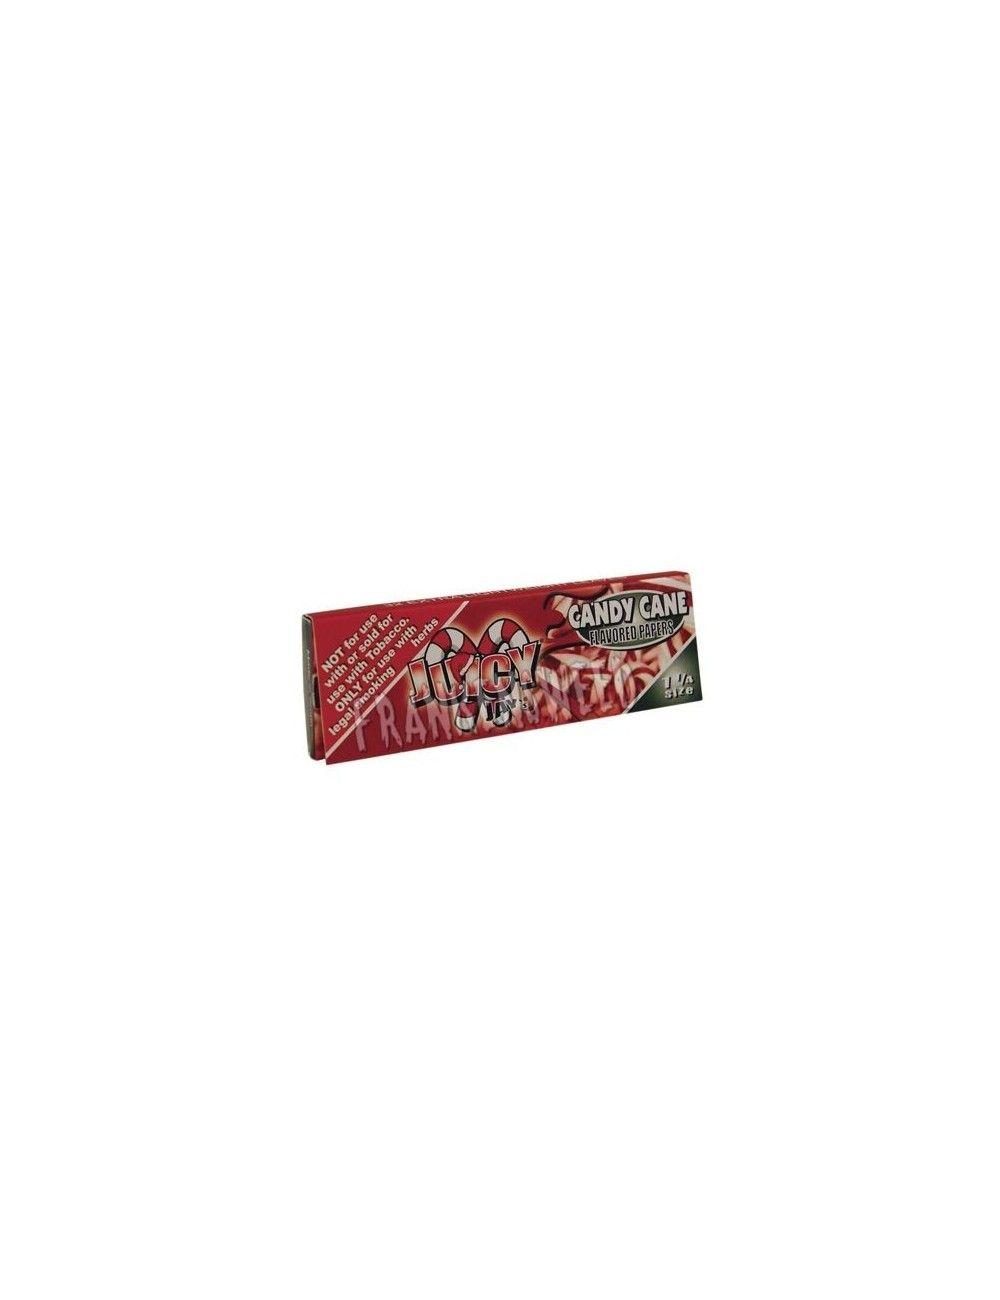 Juicy Jays Candy Cane 1¼ size